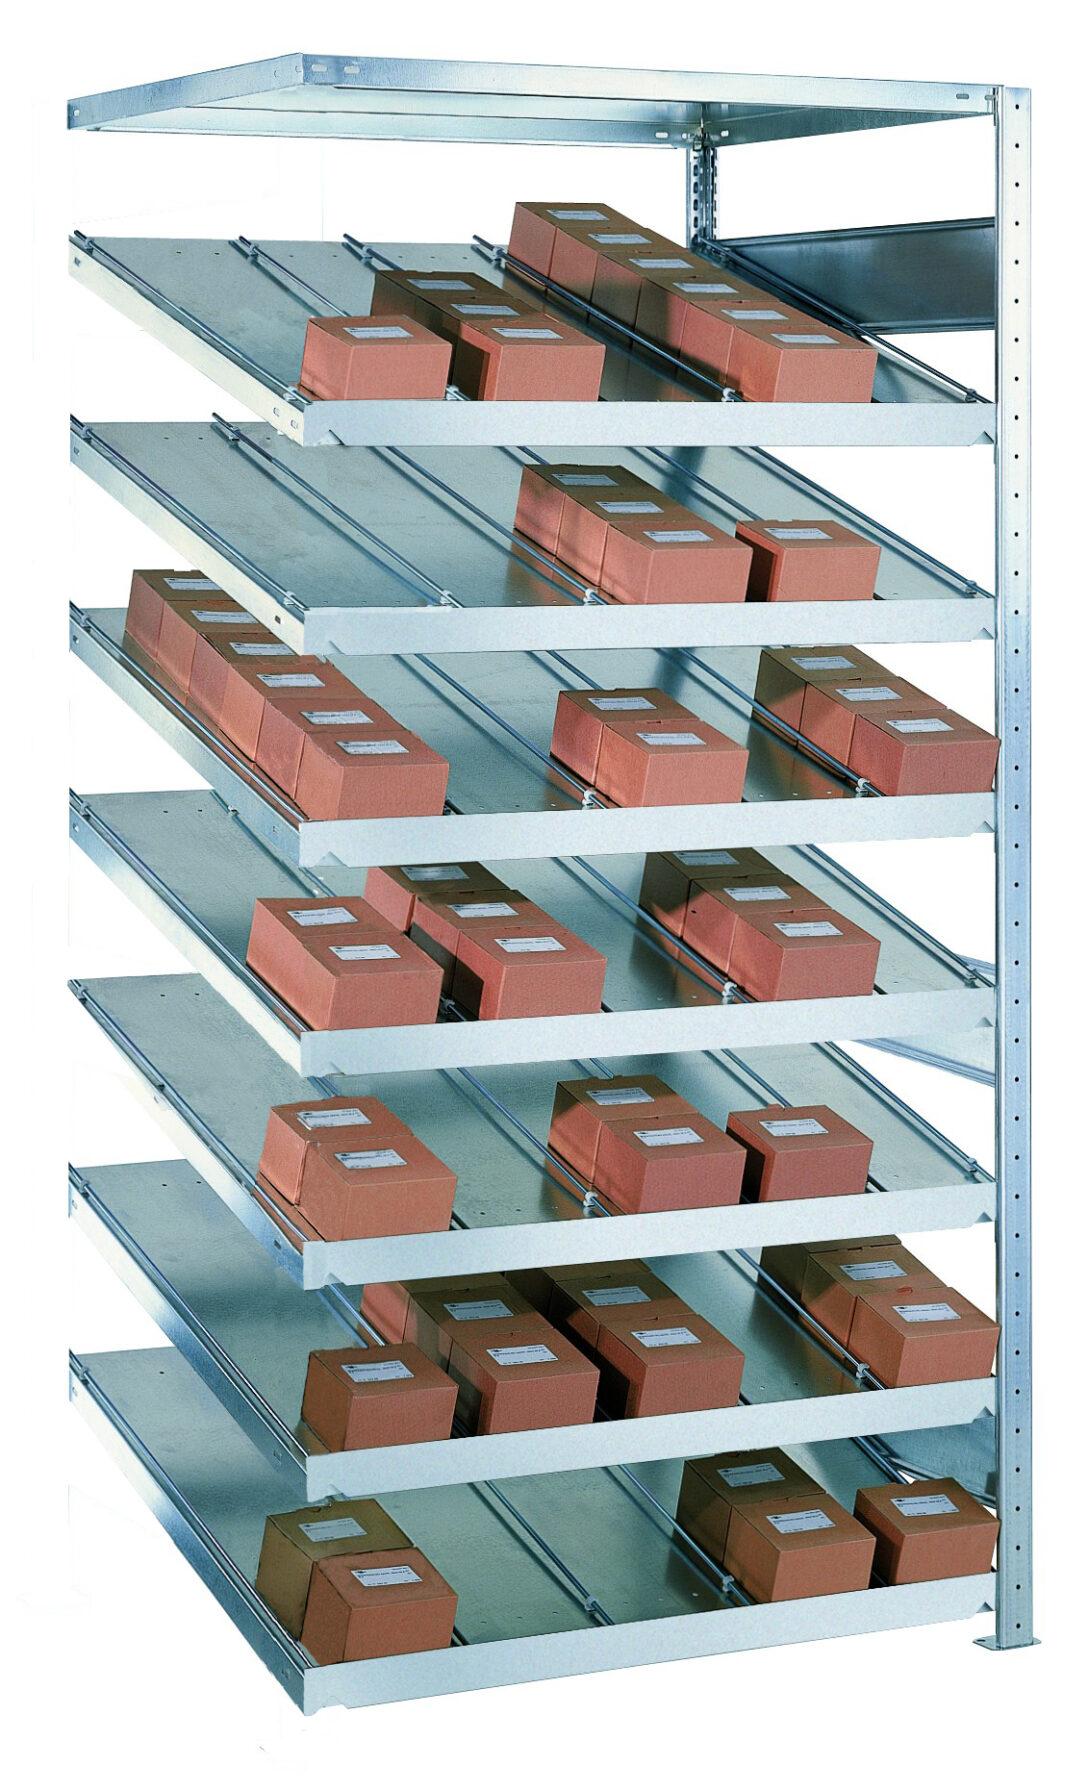 Large Size of Kanban Regal Englisch Kaufen Bito Fahrbar Kleinteile Kosten Regalsysteme Regalsystem Gebraucht Schulte Kanbananbauregal 2000x1000x600 Kinderzimmer Für Regal Kanban Regal